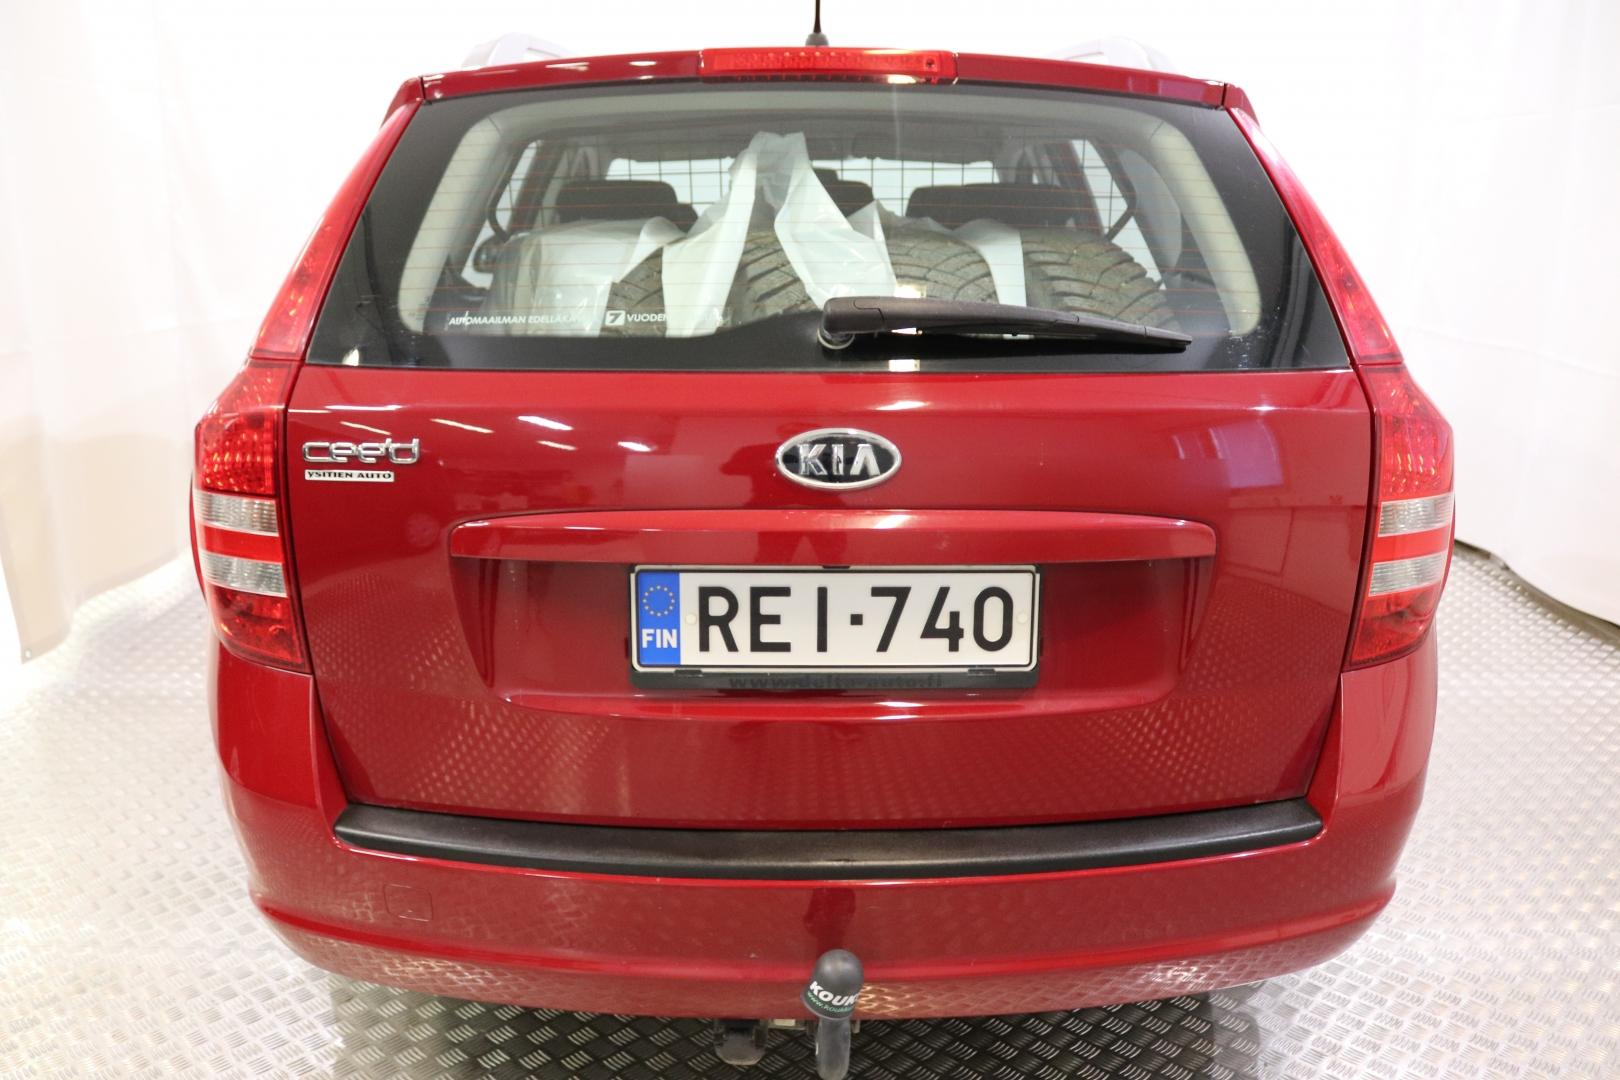 KIA Ceed, 1.6 EX Sporty Wagon